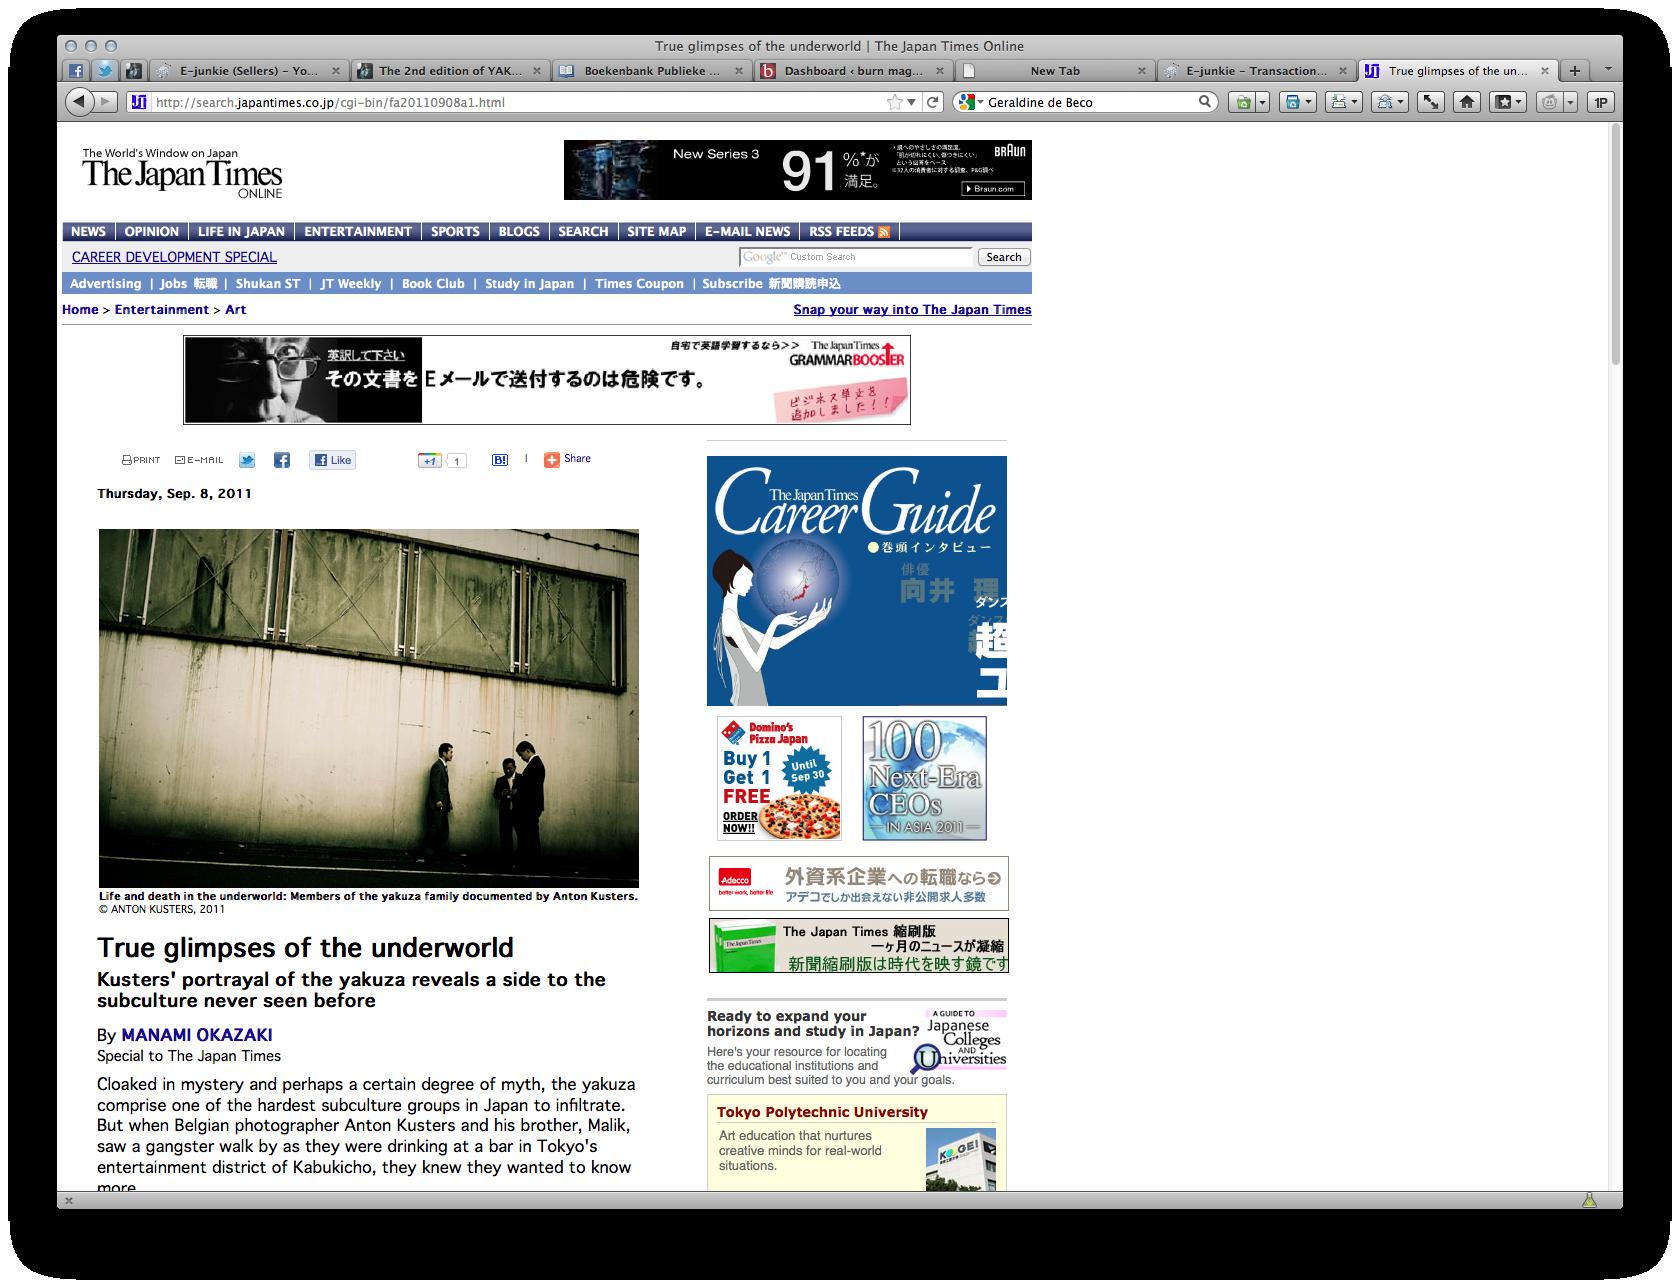 Screen-Shot-2011-09-09-at-08.57.15.png